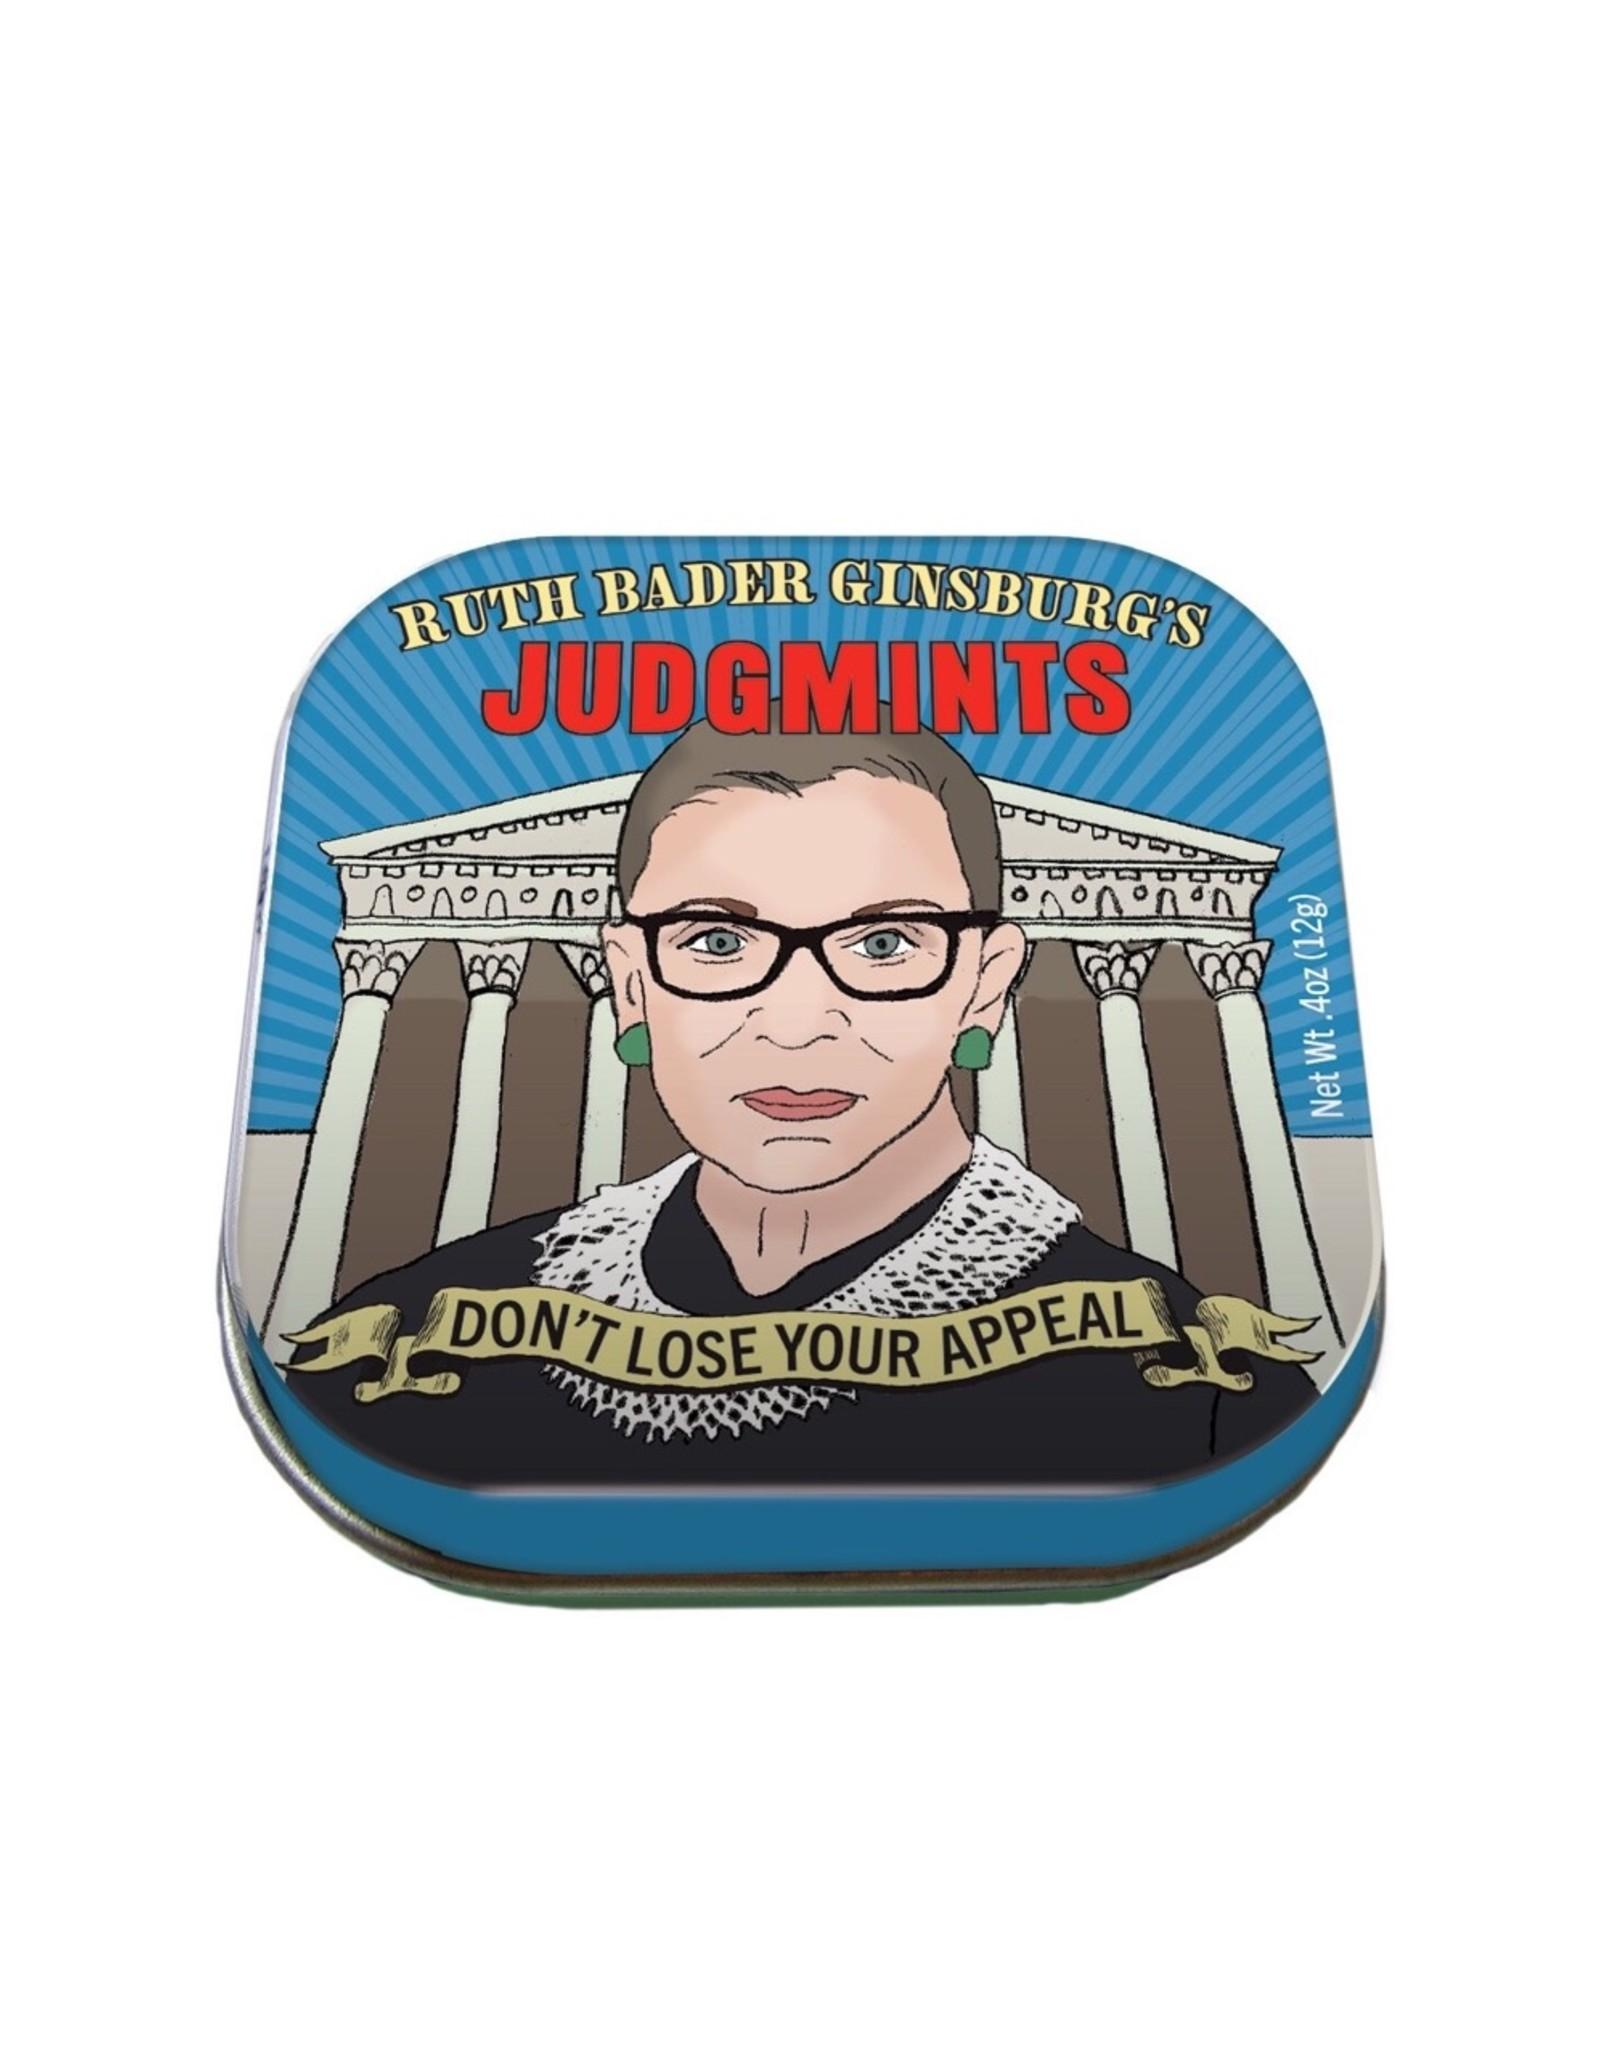 Ruth Bader Ginsburg Judgmints